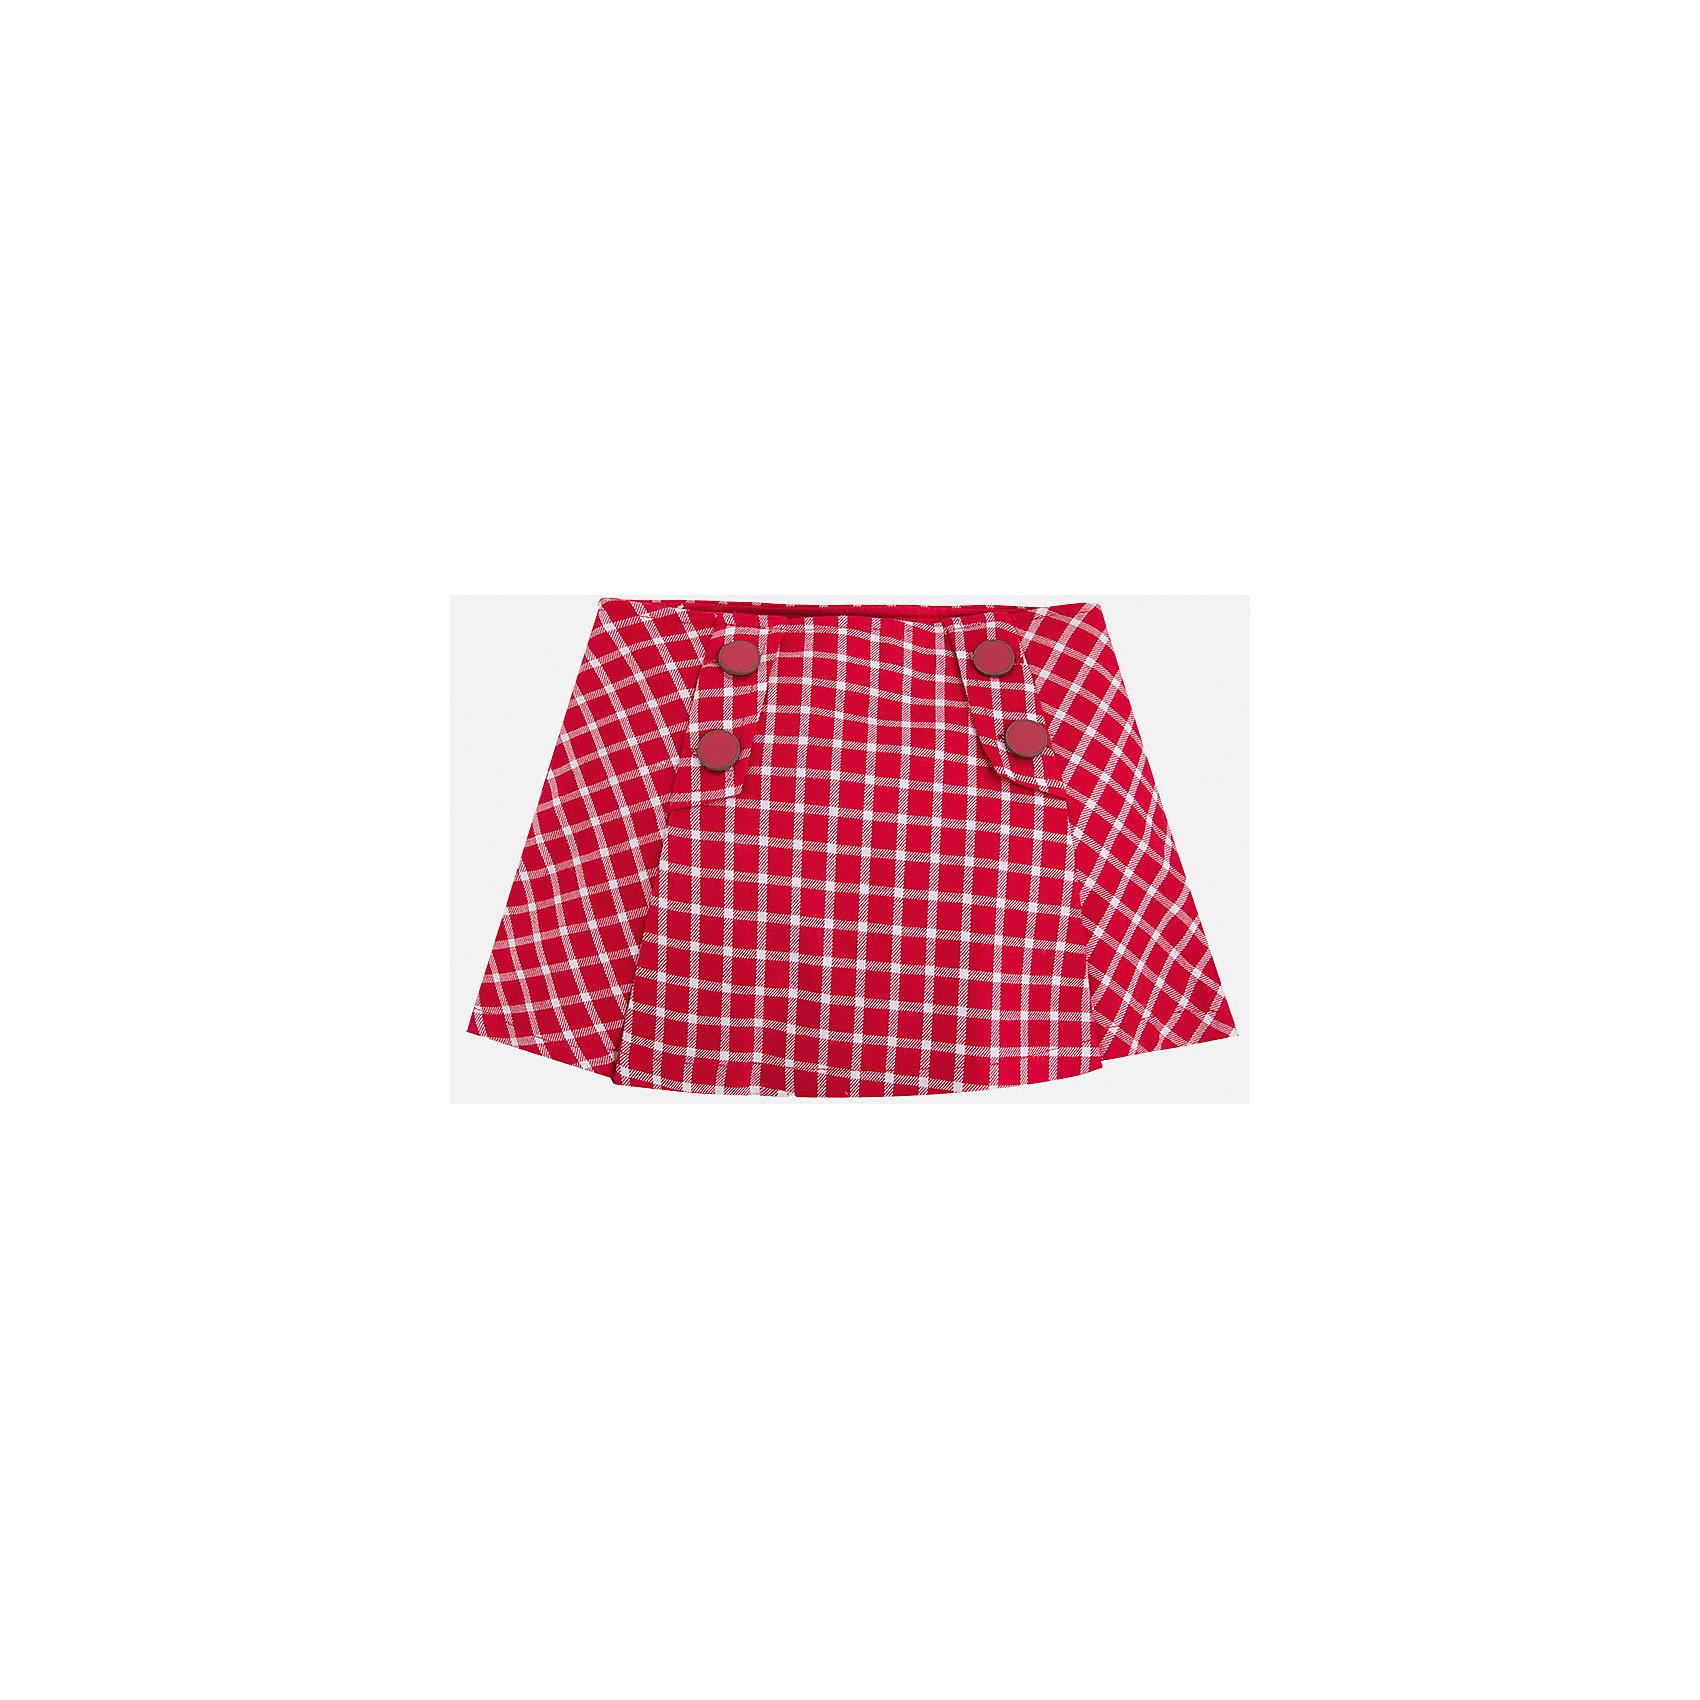 Mayoral Юбка для девочки Mayoral юбка для девочки ge520743 разноцветный gaialuna